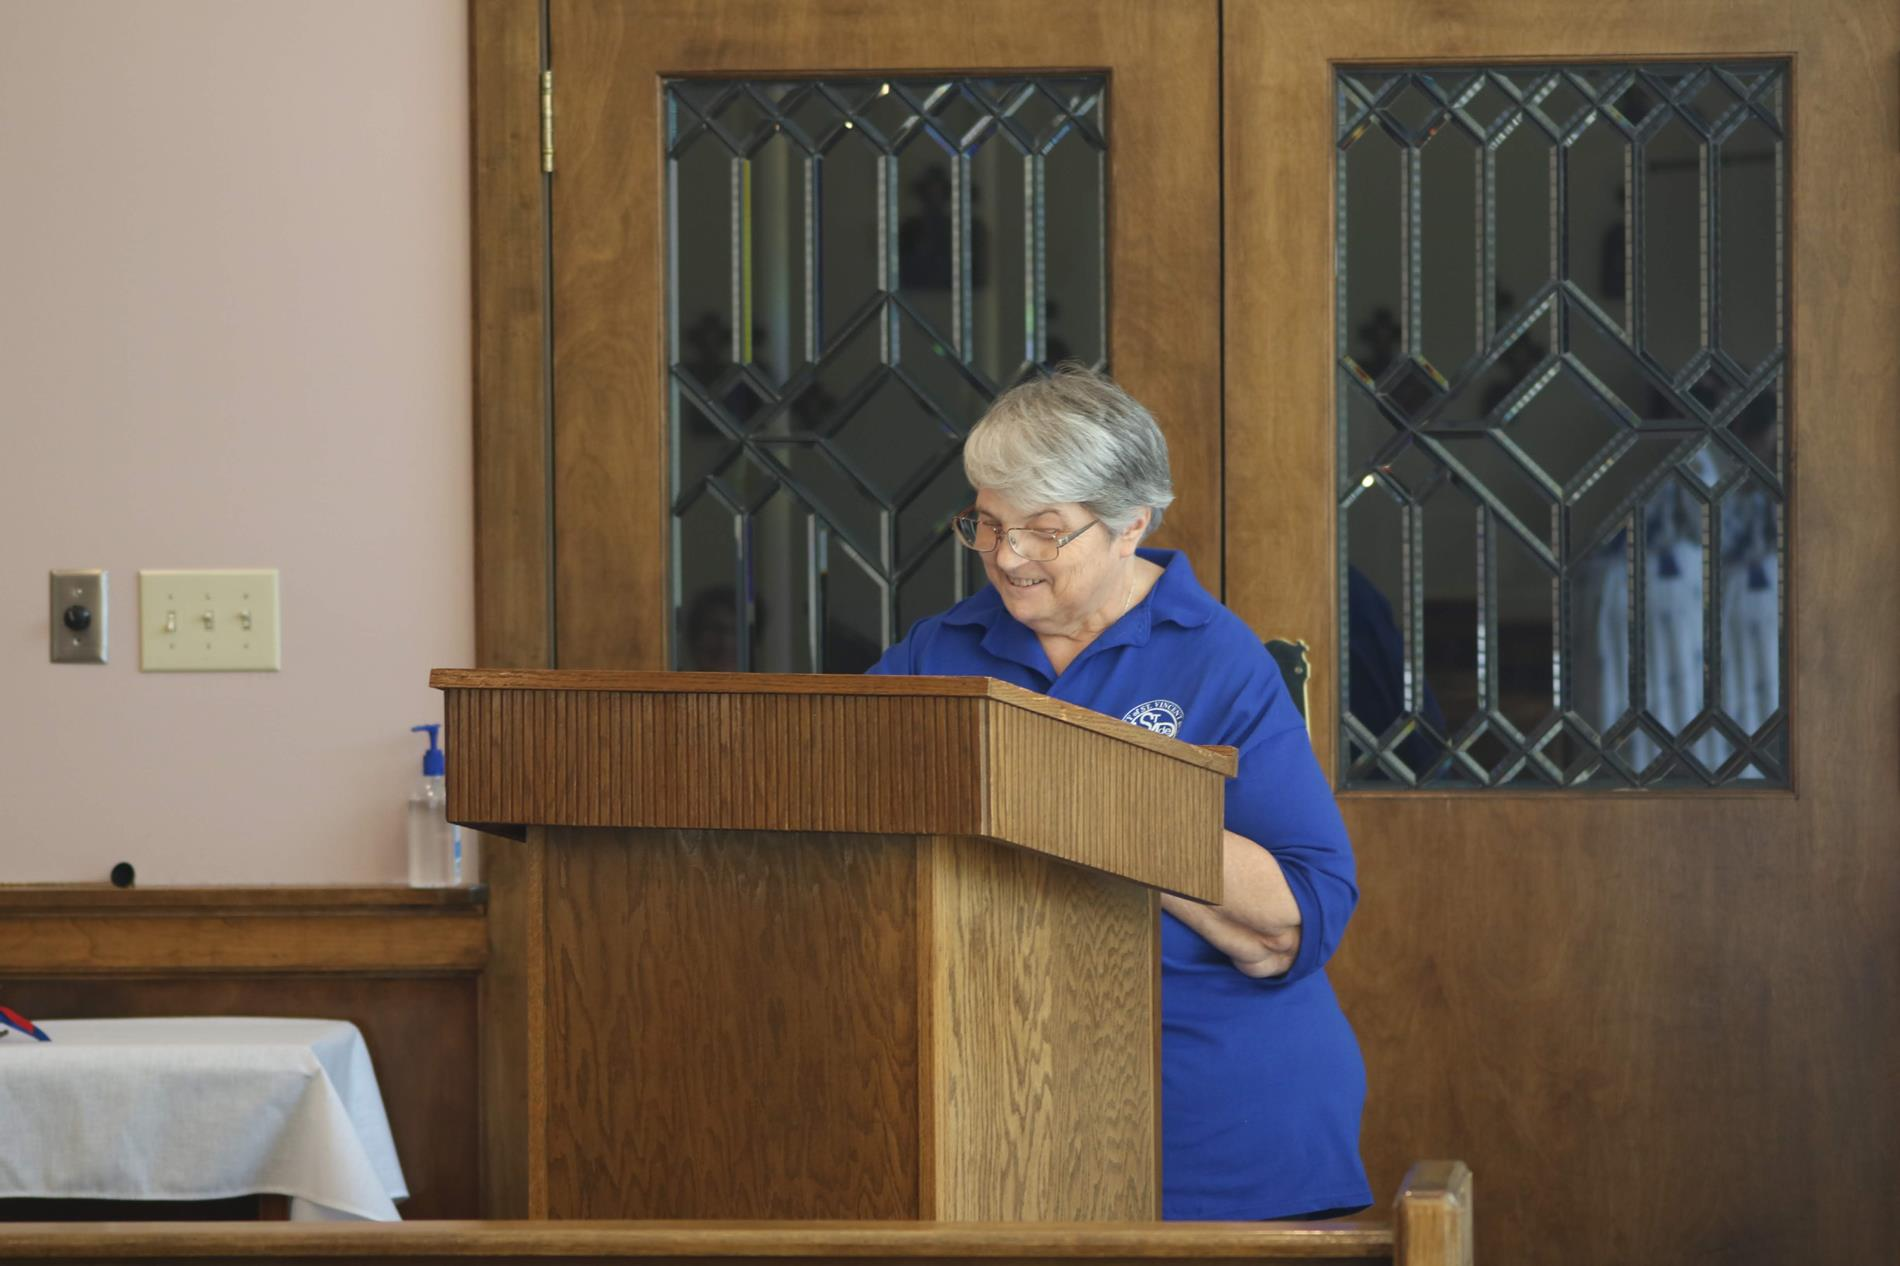 Pat opens ceremony